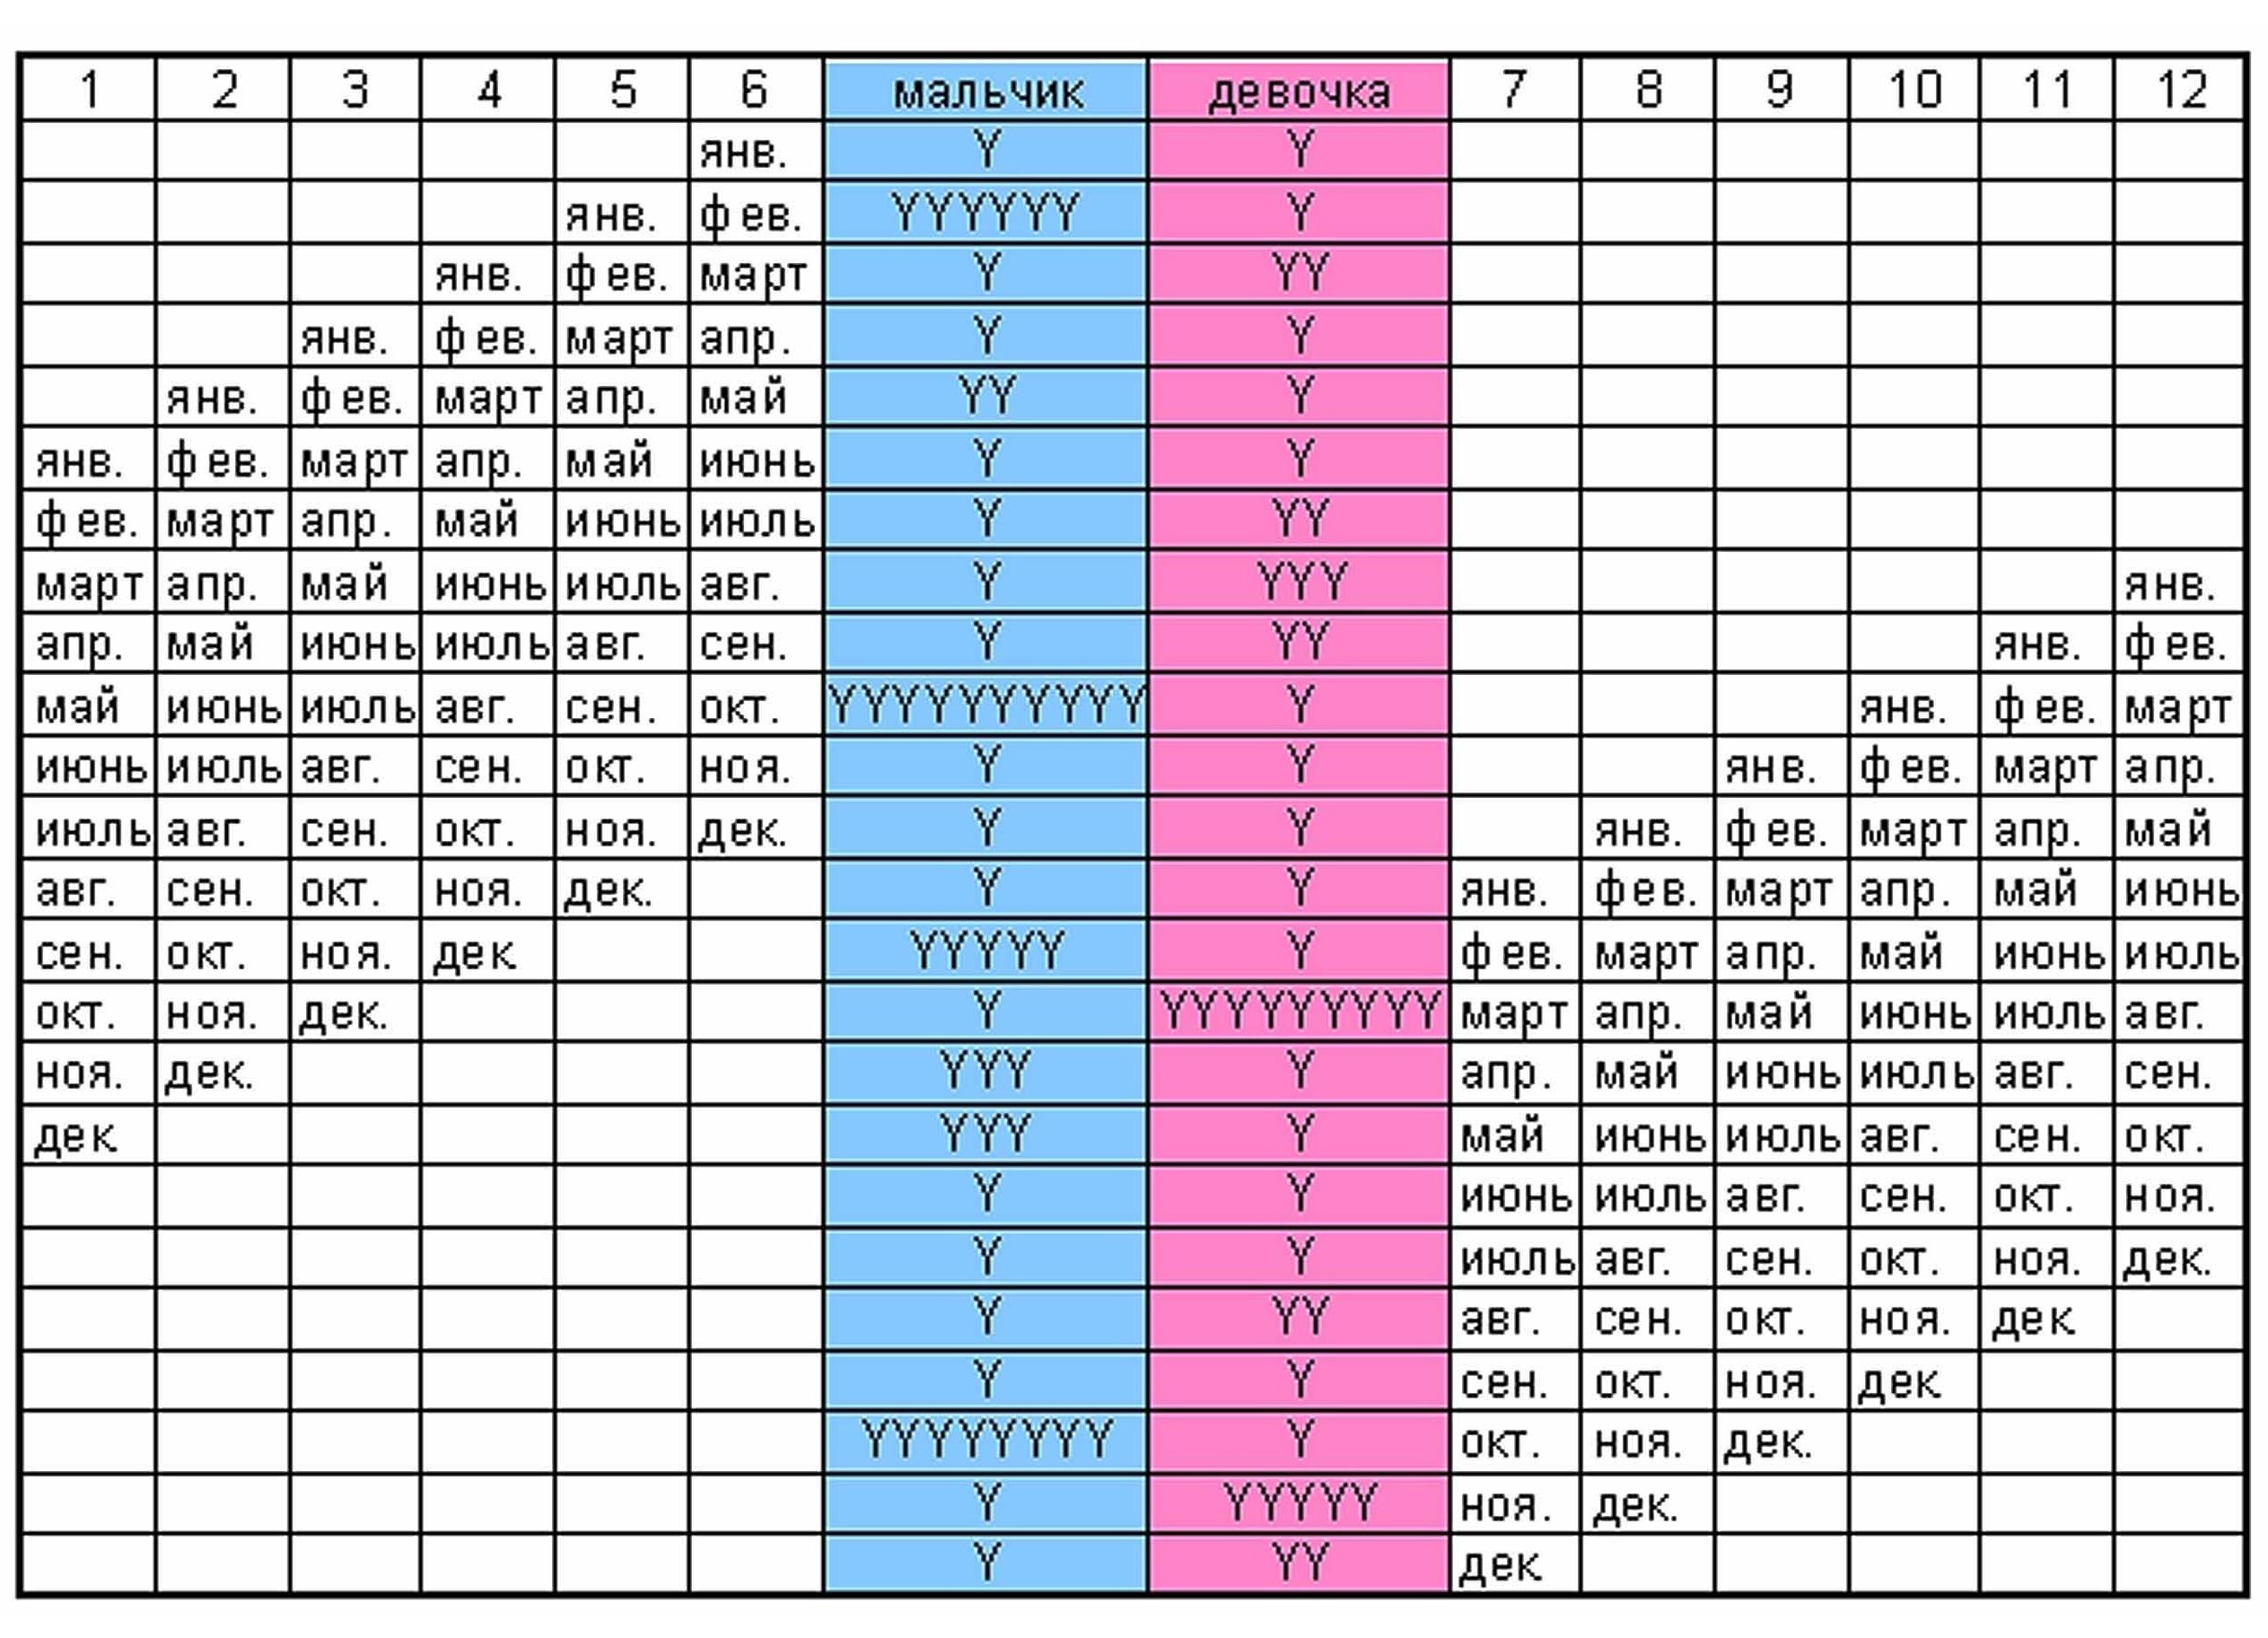 Китайский календарь для определения пола ребенка